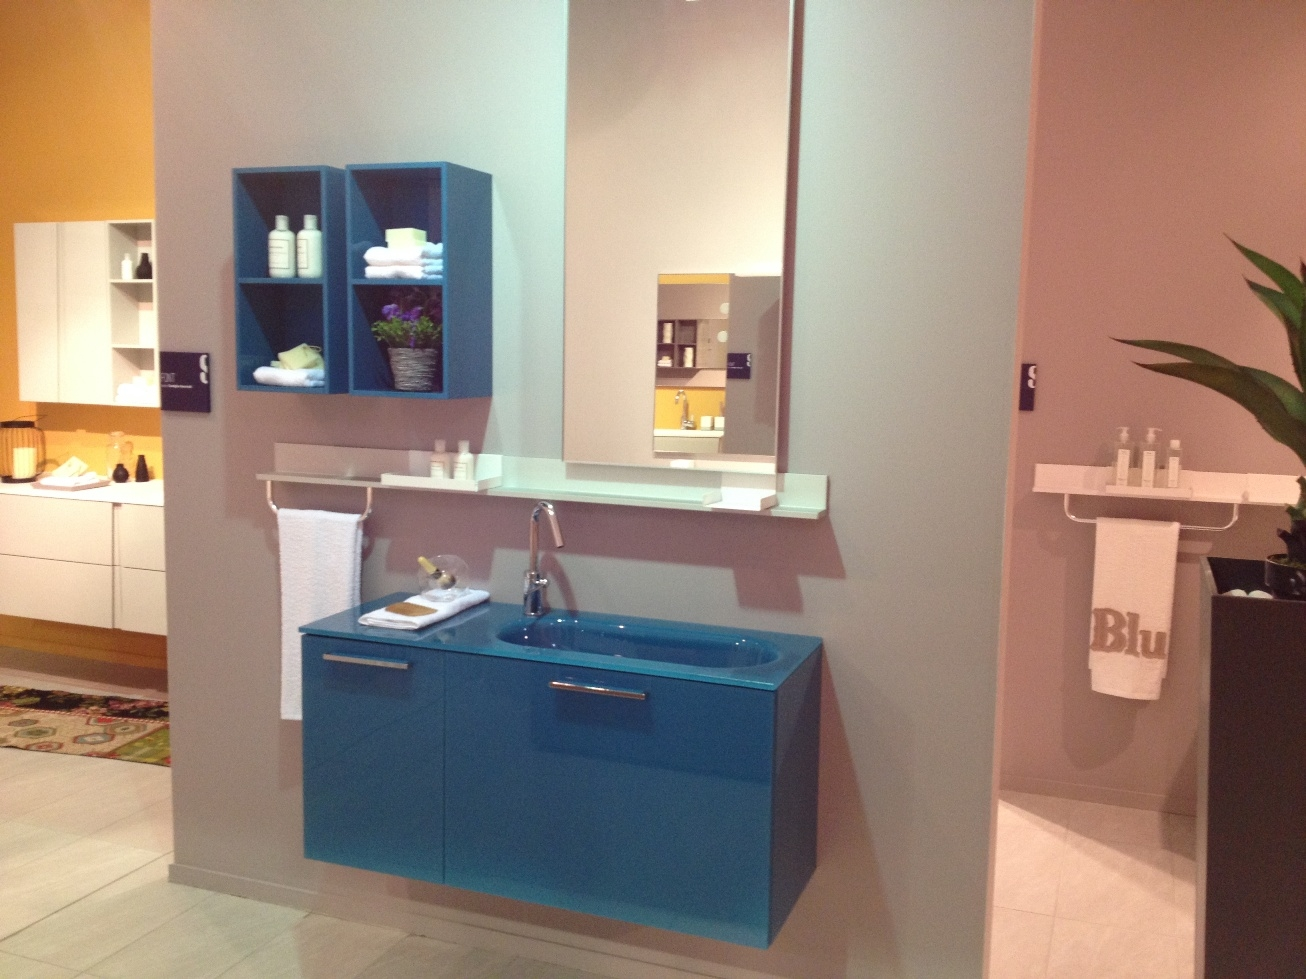 Scavolini bathrooms front vetro arredo bagno a prezzi - Scavolini mobili bagno ...